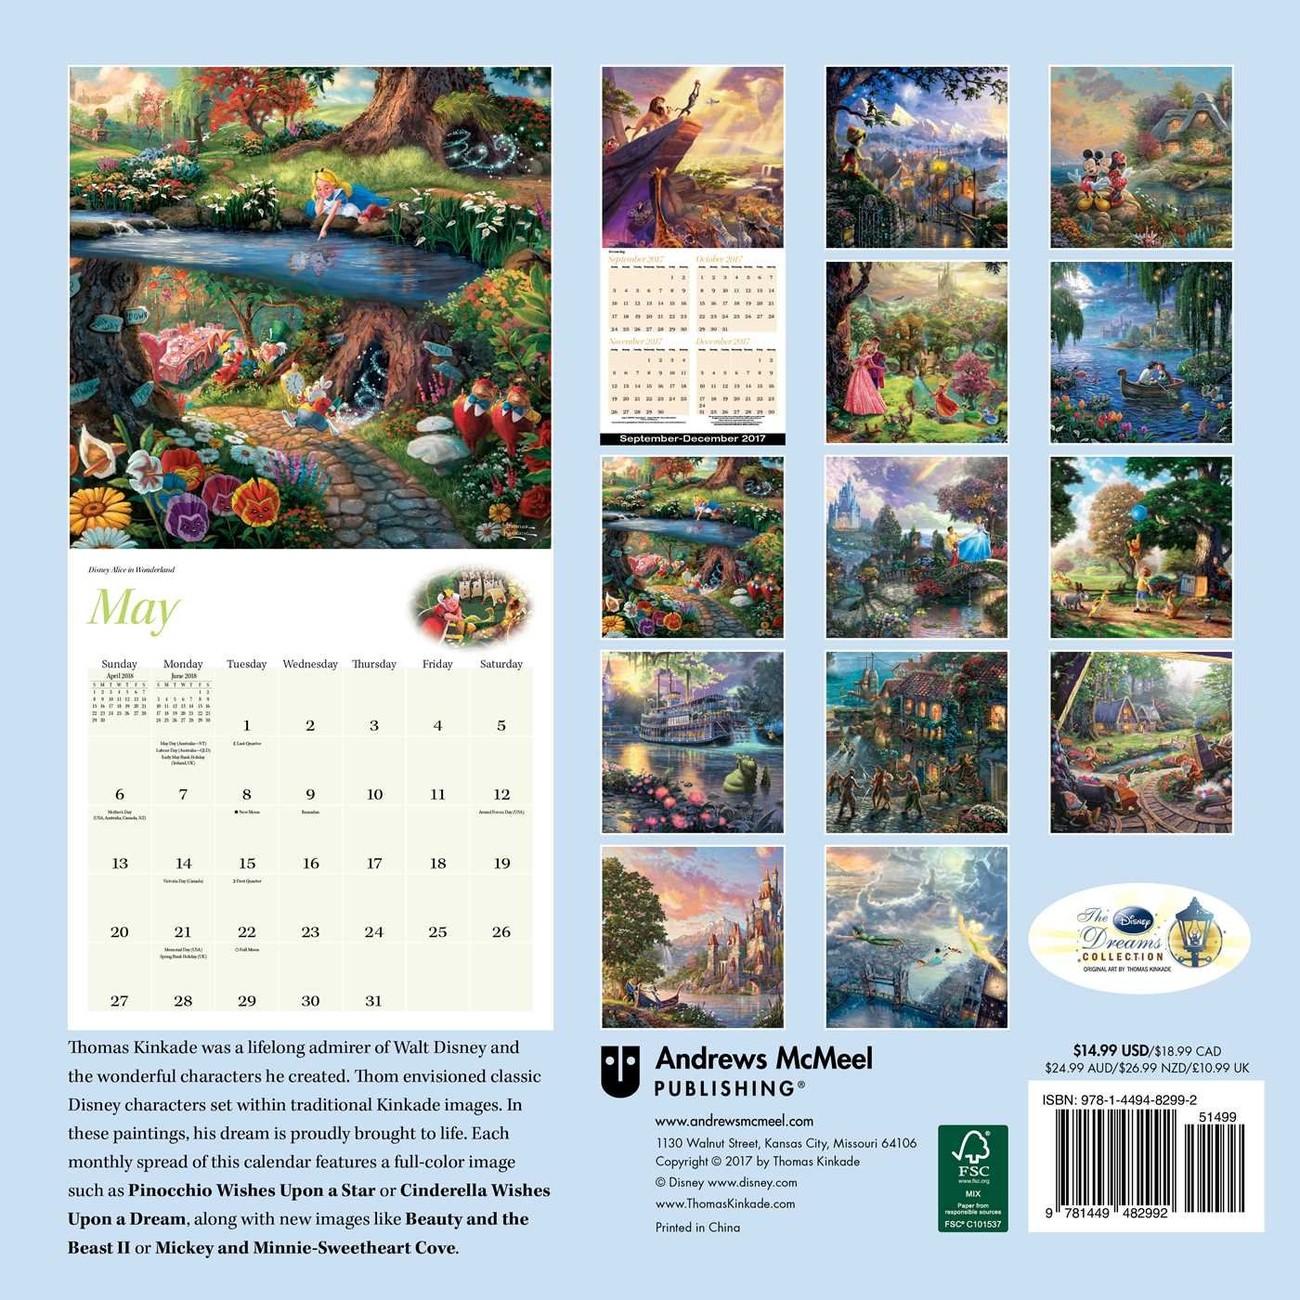 kinkade naptár Thomas Kinkade   The Disney Dreams Collection   Calendars 2019 on  kinkade naptár